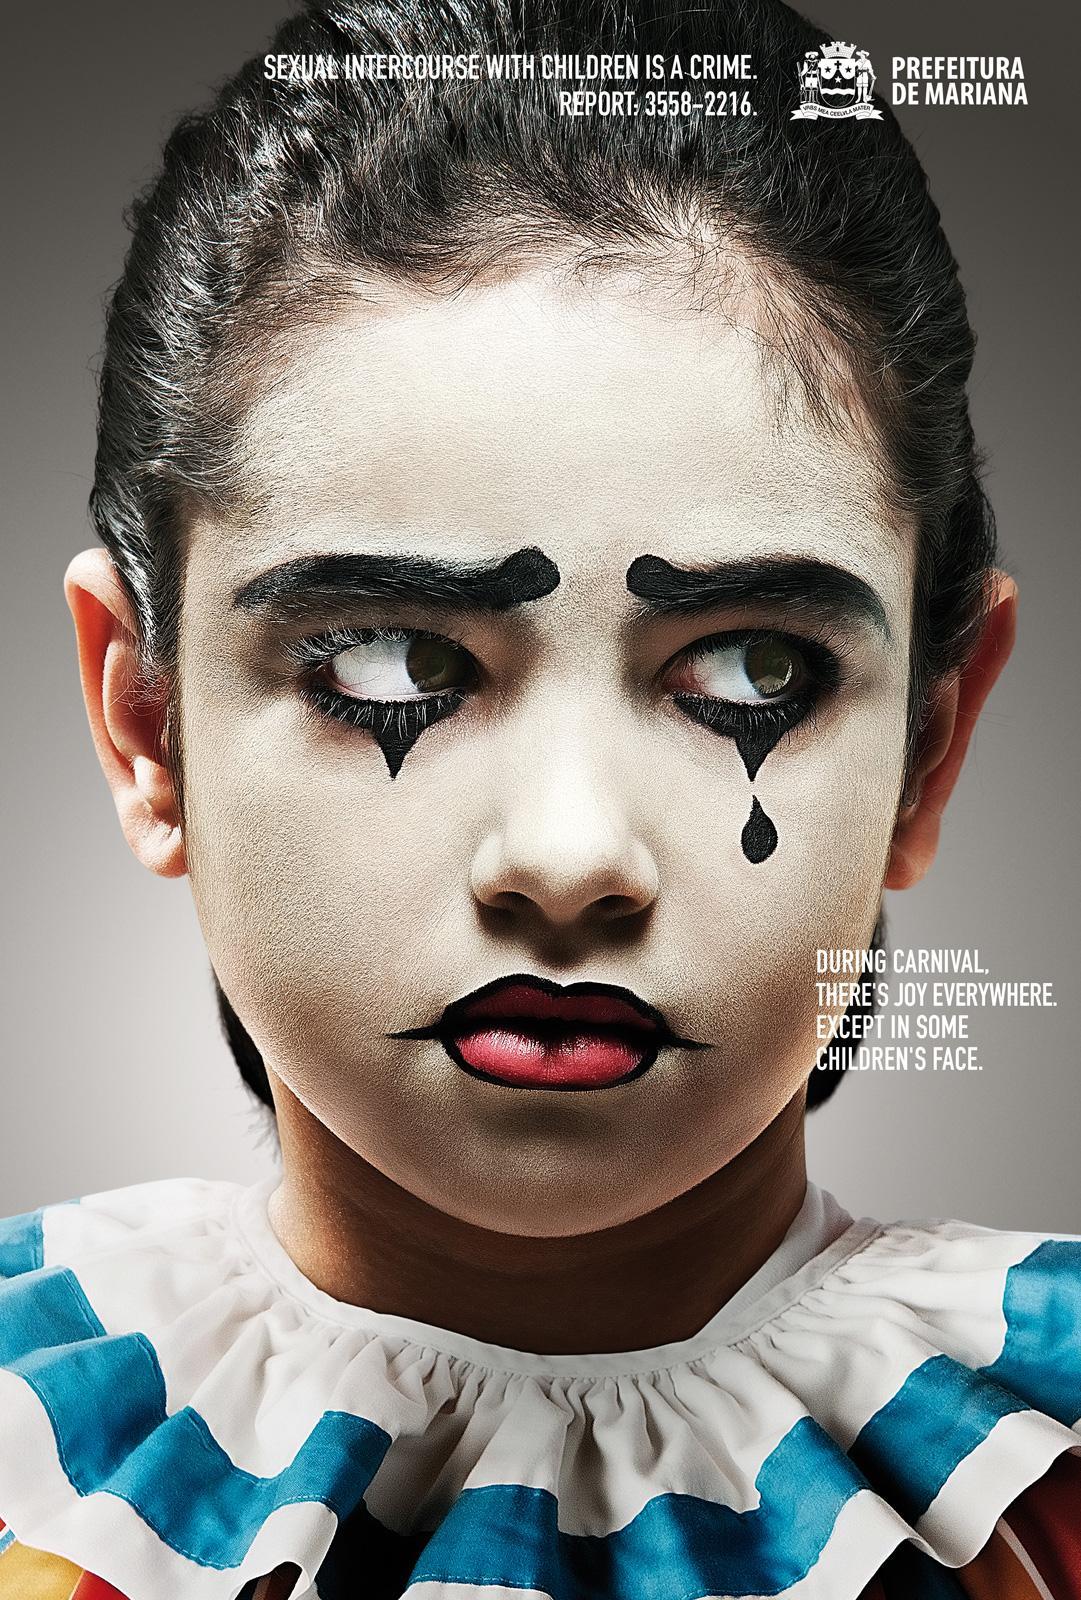 Mariana City Hall Print Ad -  Girl